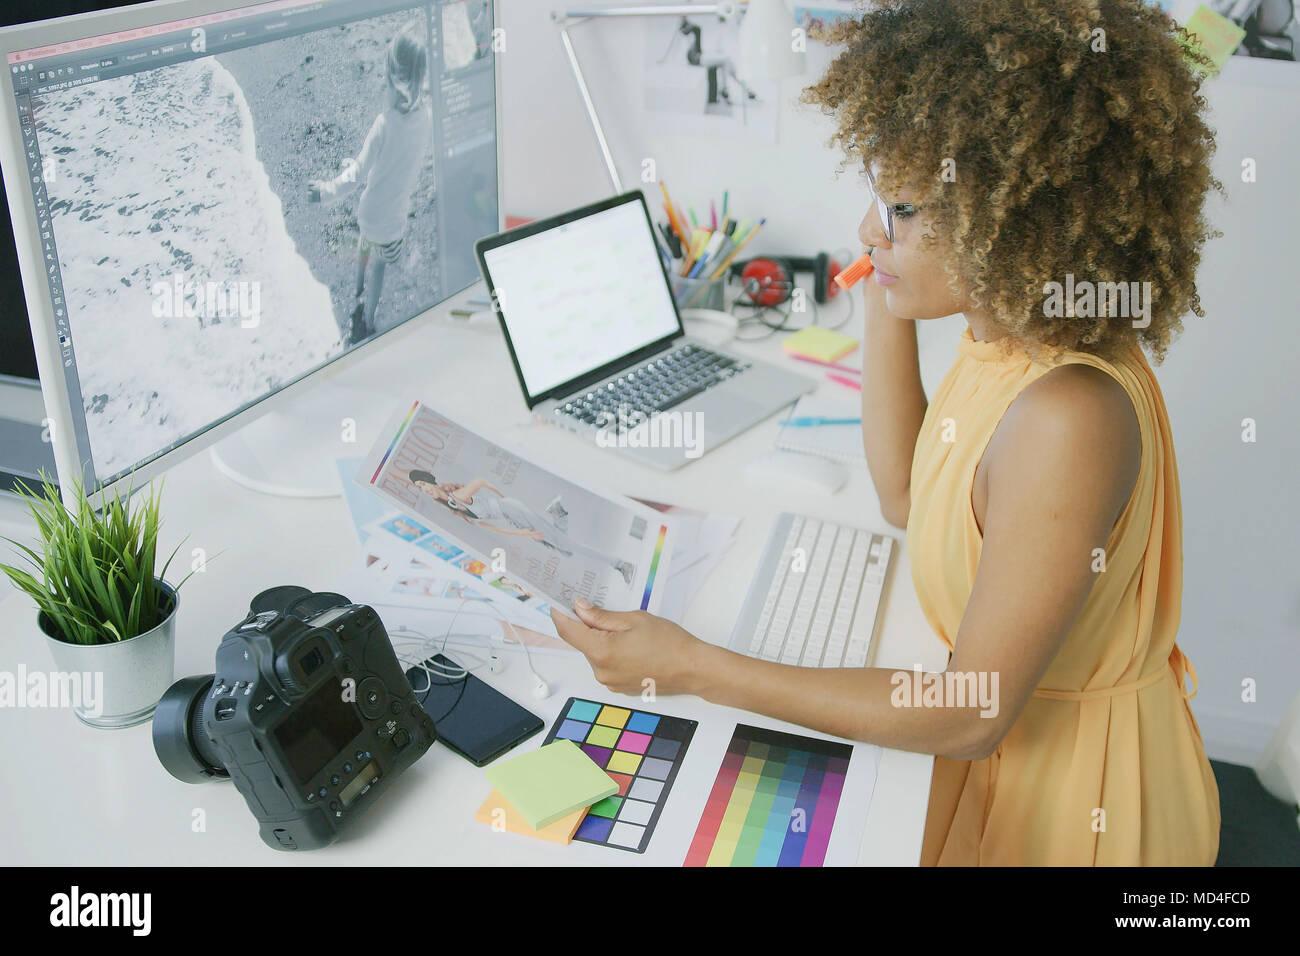 Malinconici editor foto di esplorazione Immagini Stock